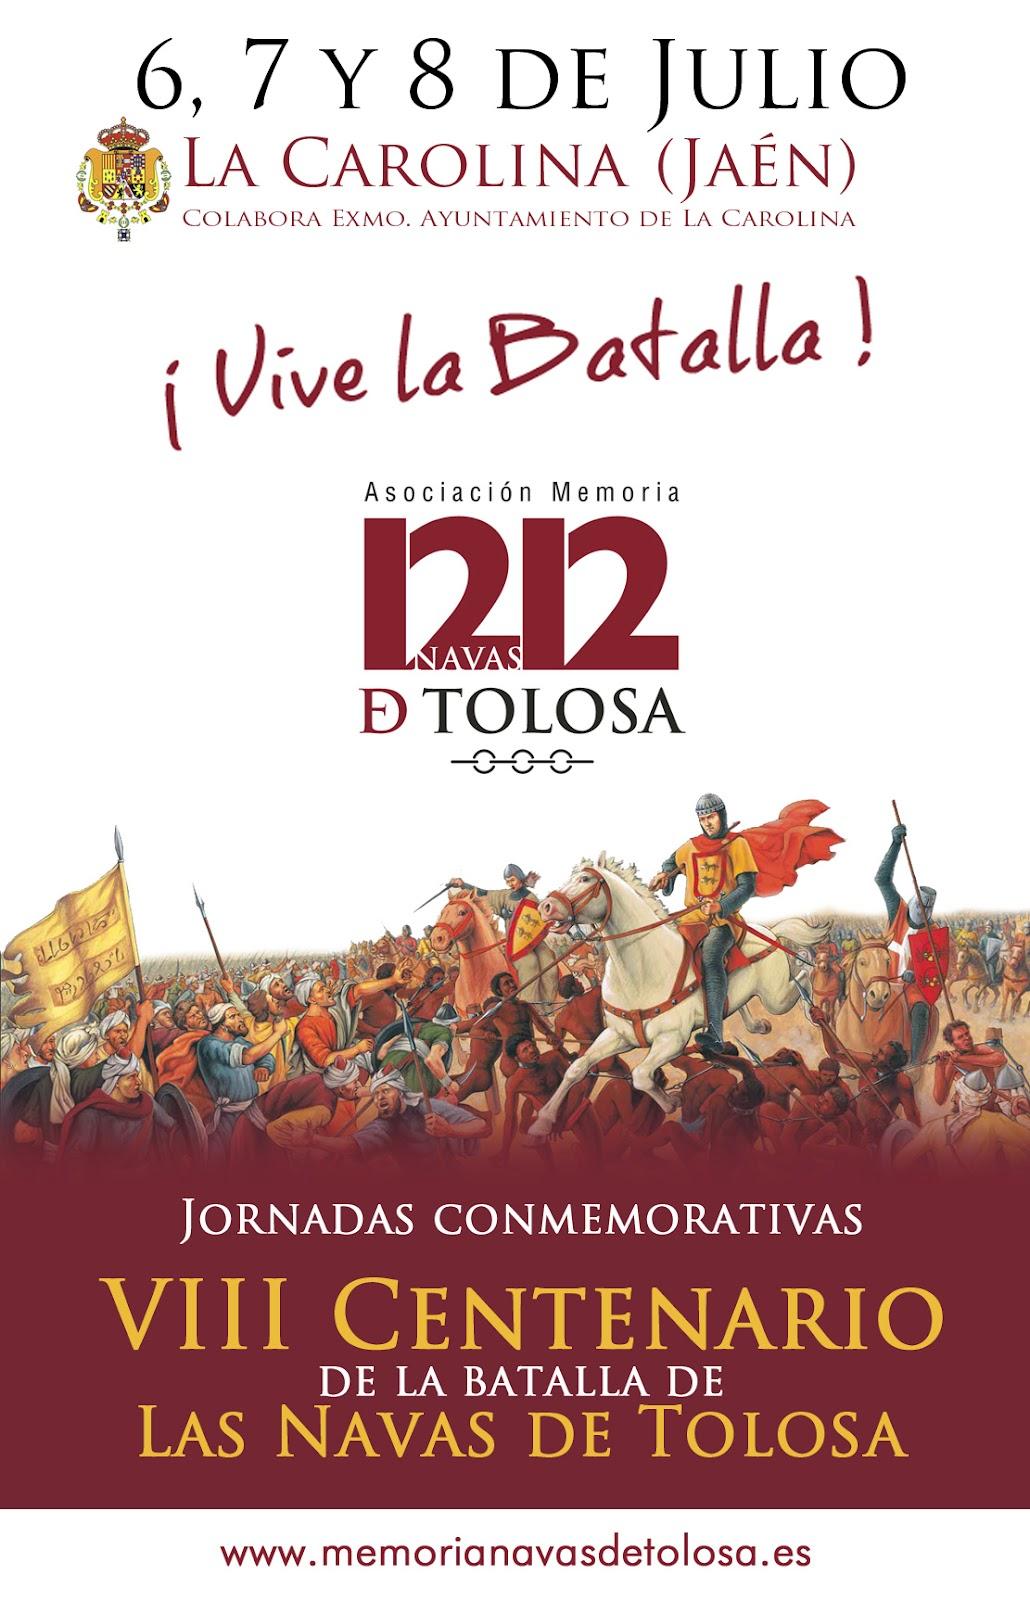 La batalla de las Navas de Tolosa, el Rey y el Gobierno. Jornadas+La+Carolina+Memoria+Navas+de+Tolosa+%282%29